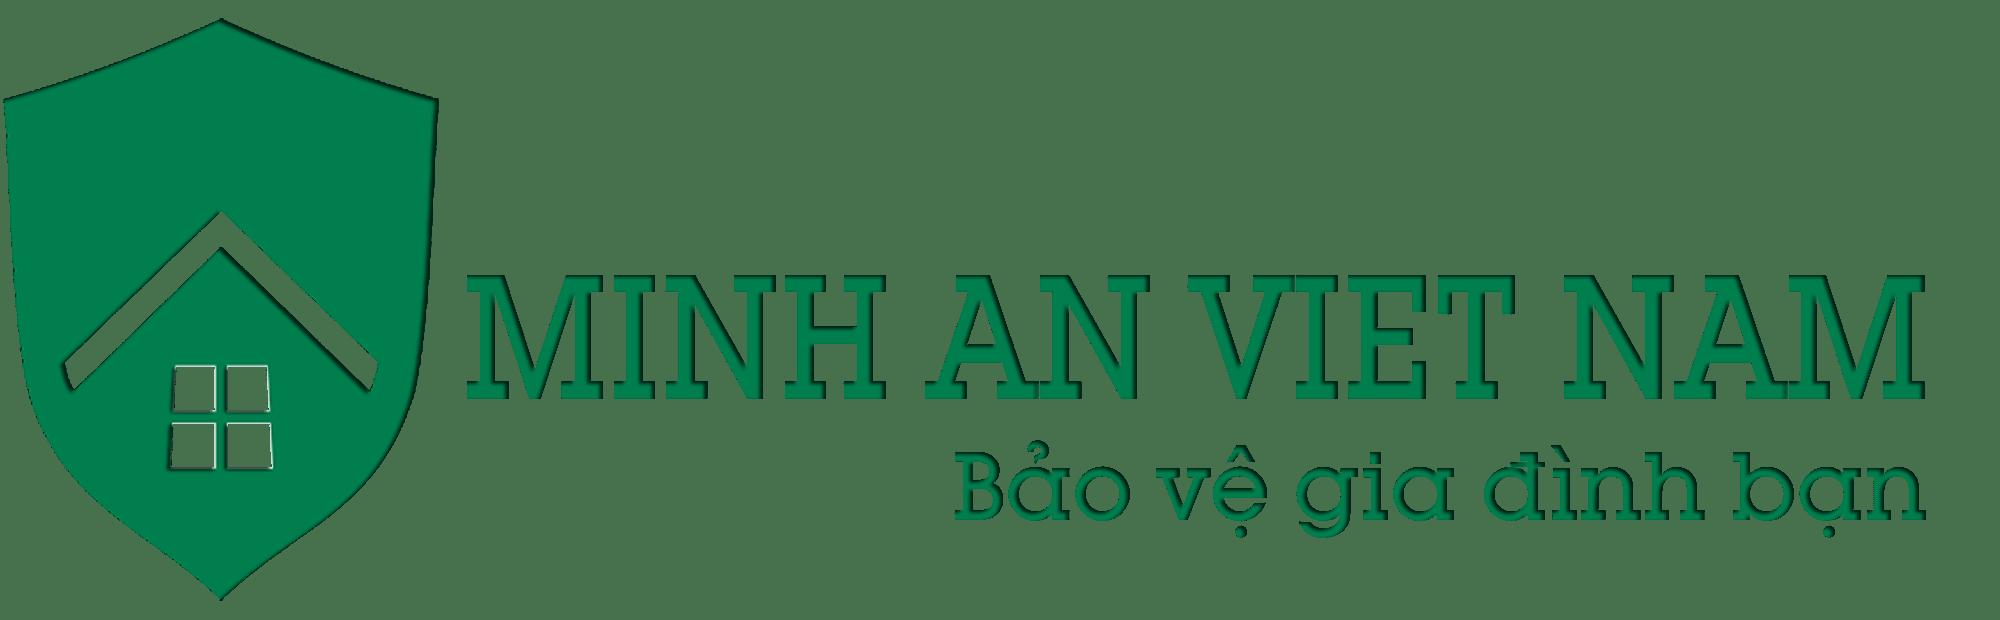 Công ty TNHH Minh An Việt Nam